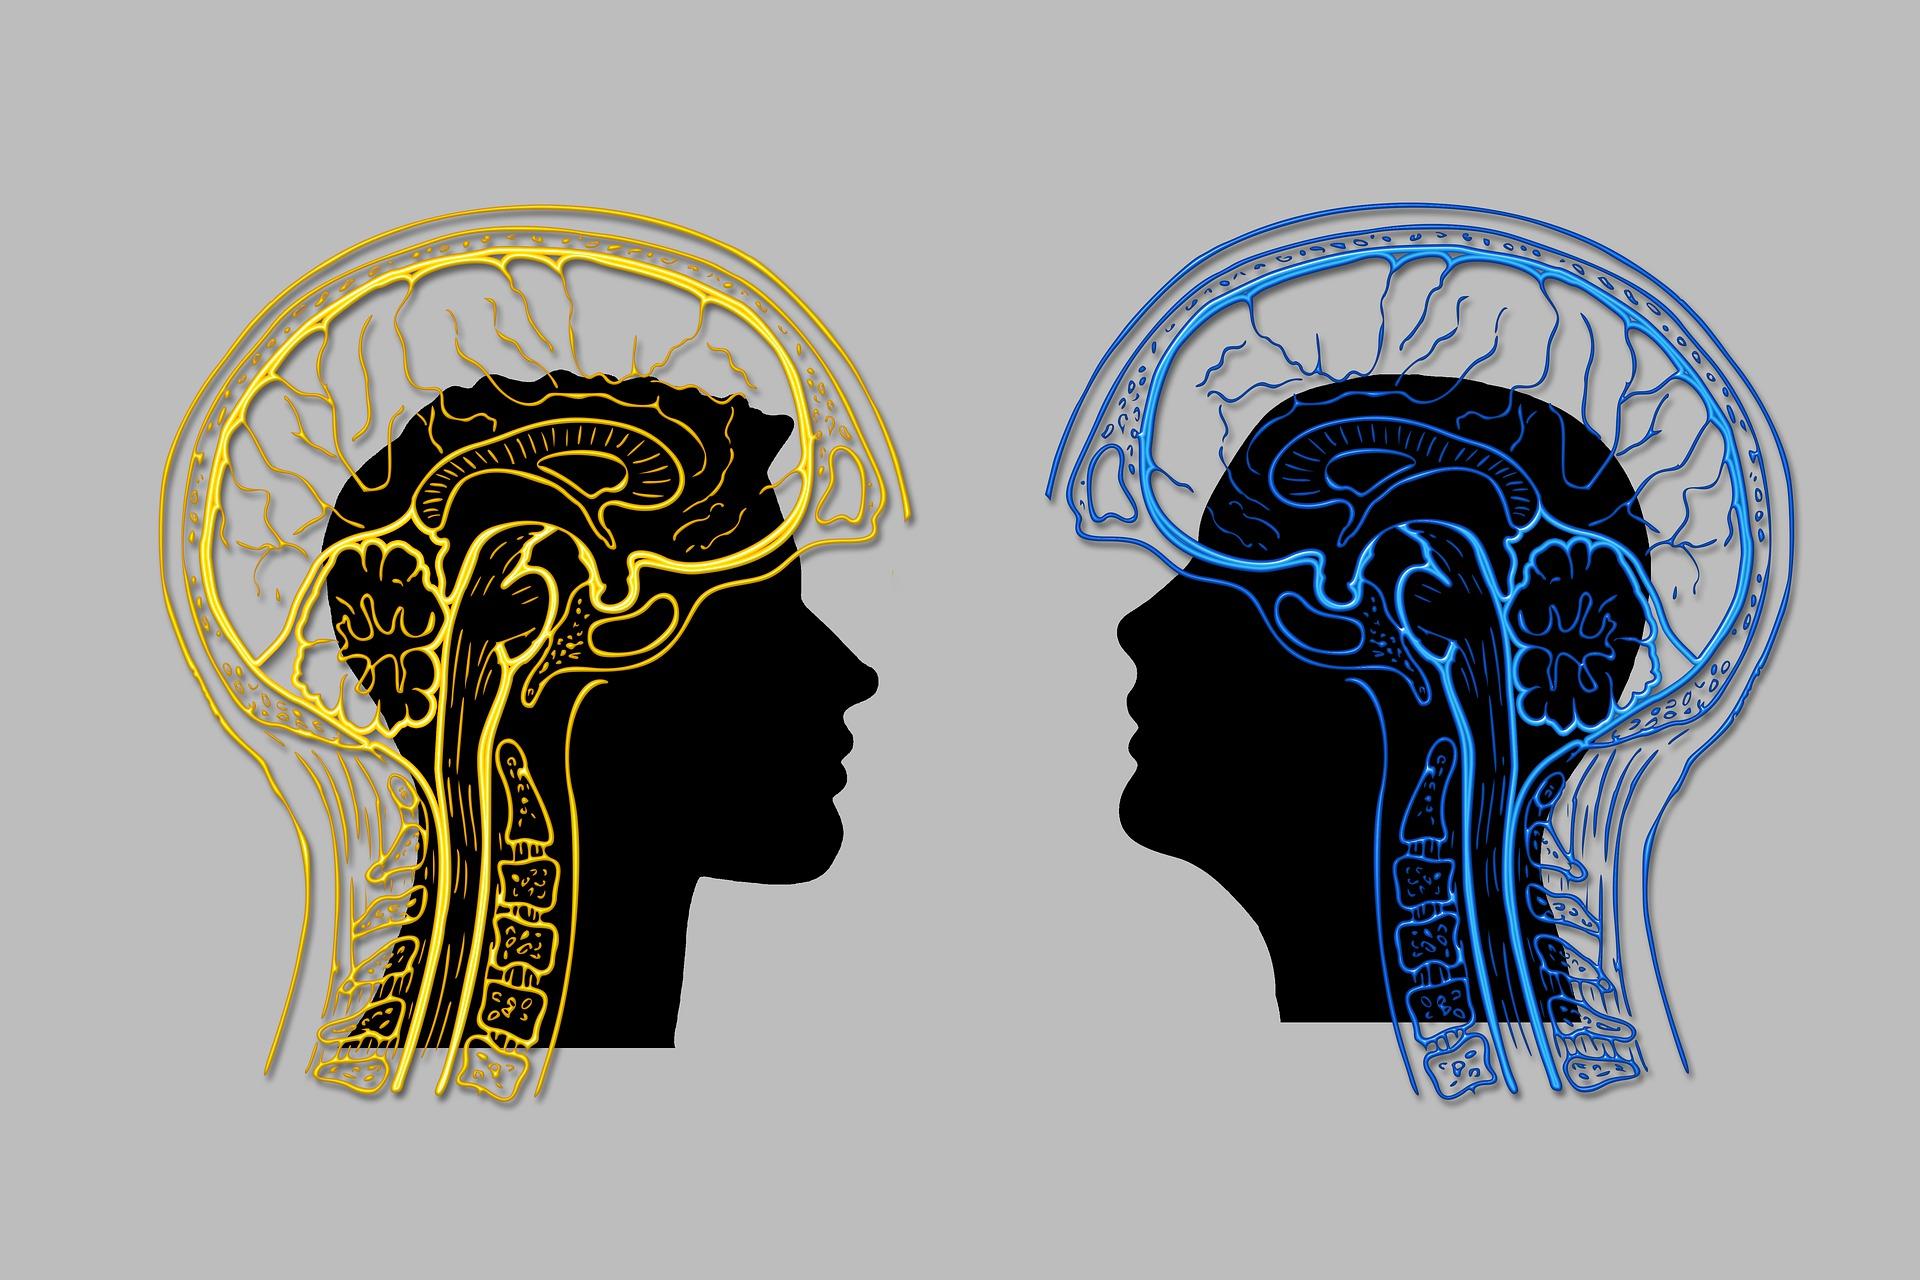 La risonanza magnetica e lo studio delle interazioni sociali